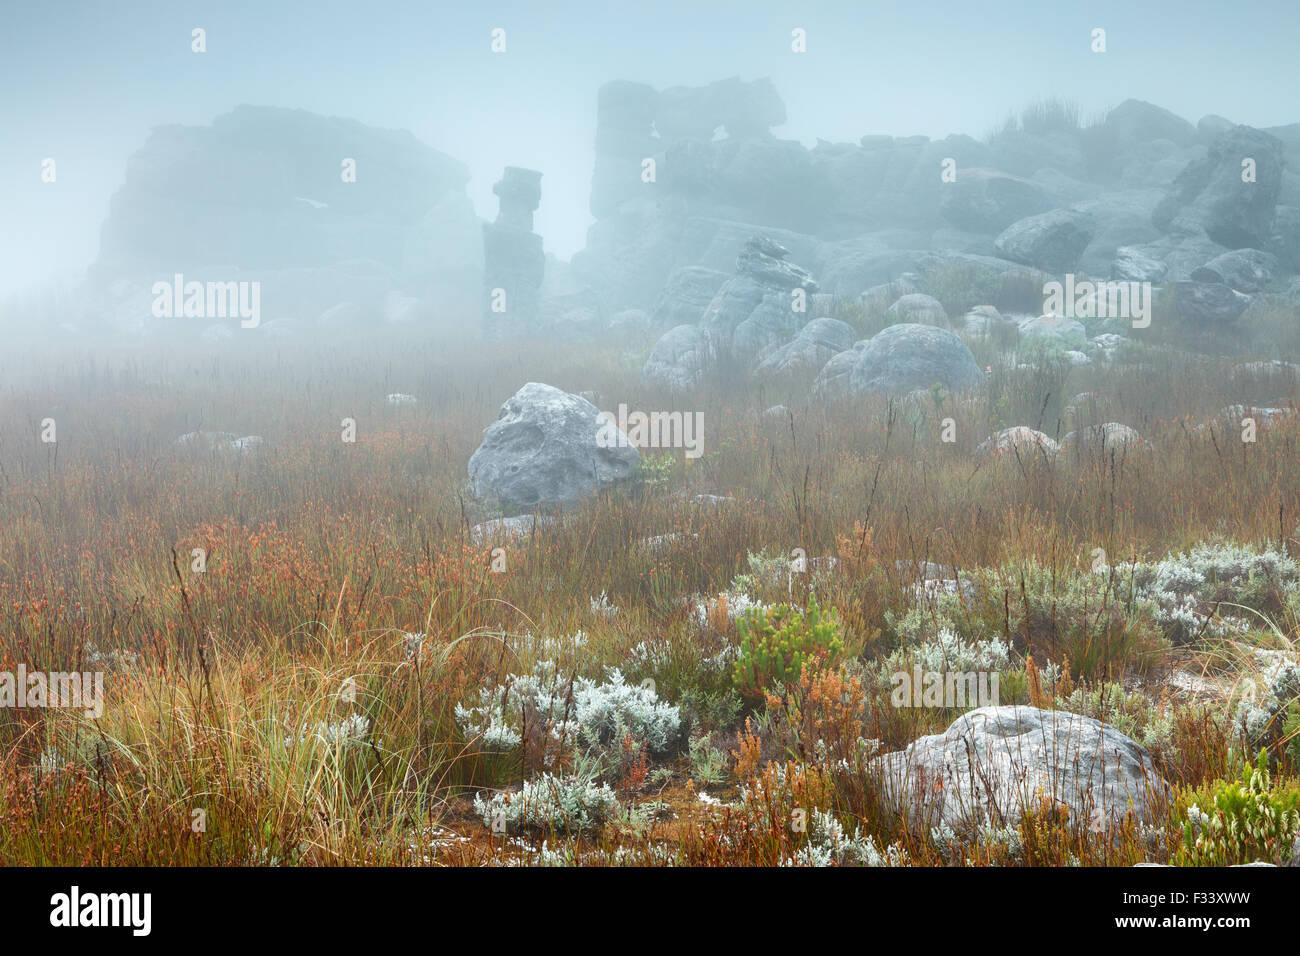 Las rocas y la vegetación en la neblina al amanecer, montañas Hottentots Holland, Western Cape, Sudáfrica Imagen De Stock